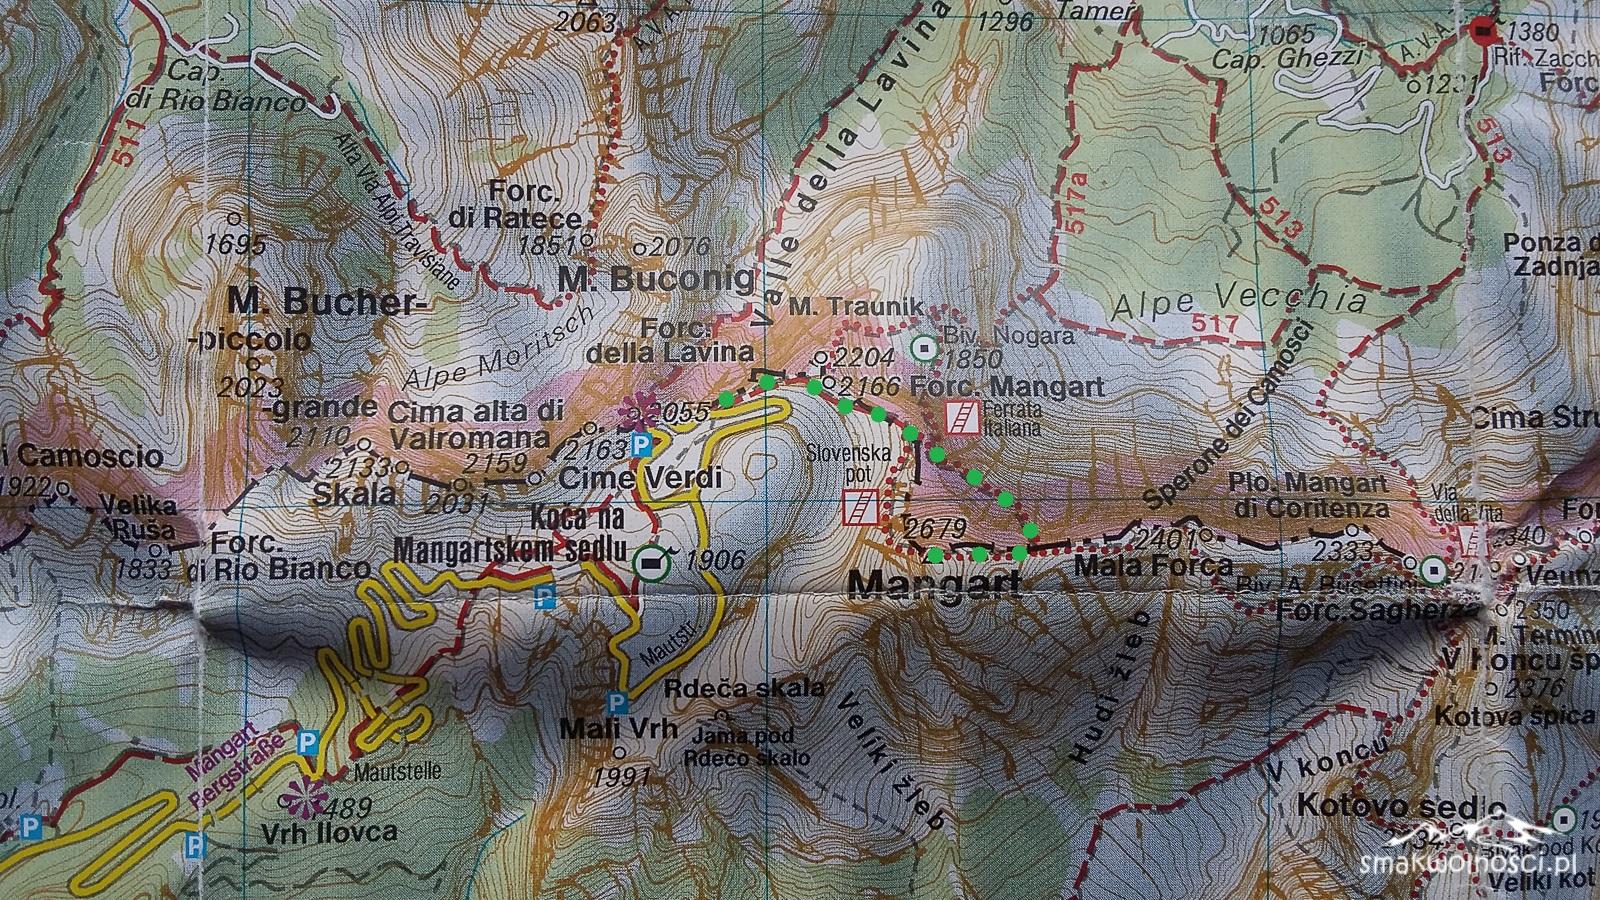 mangart-mapa